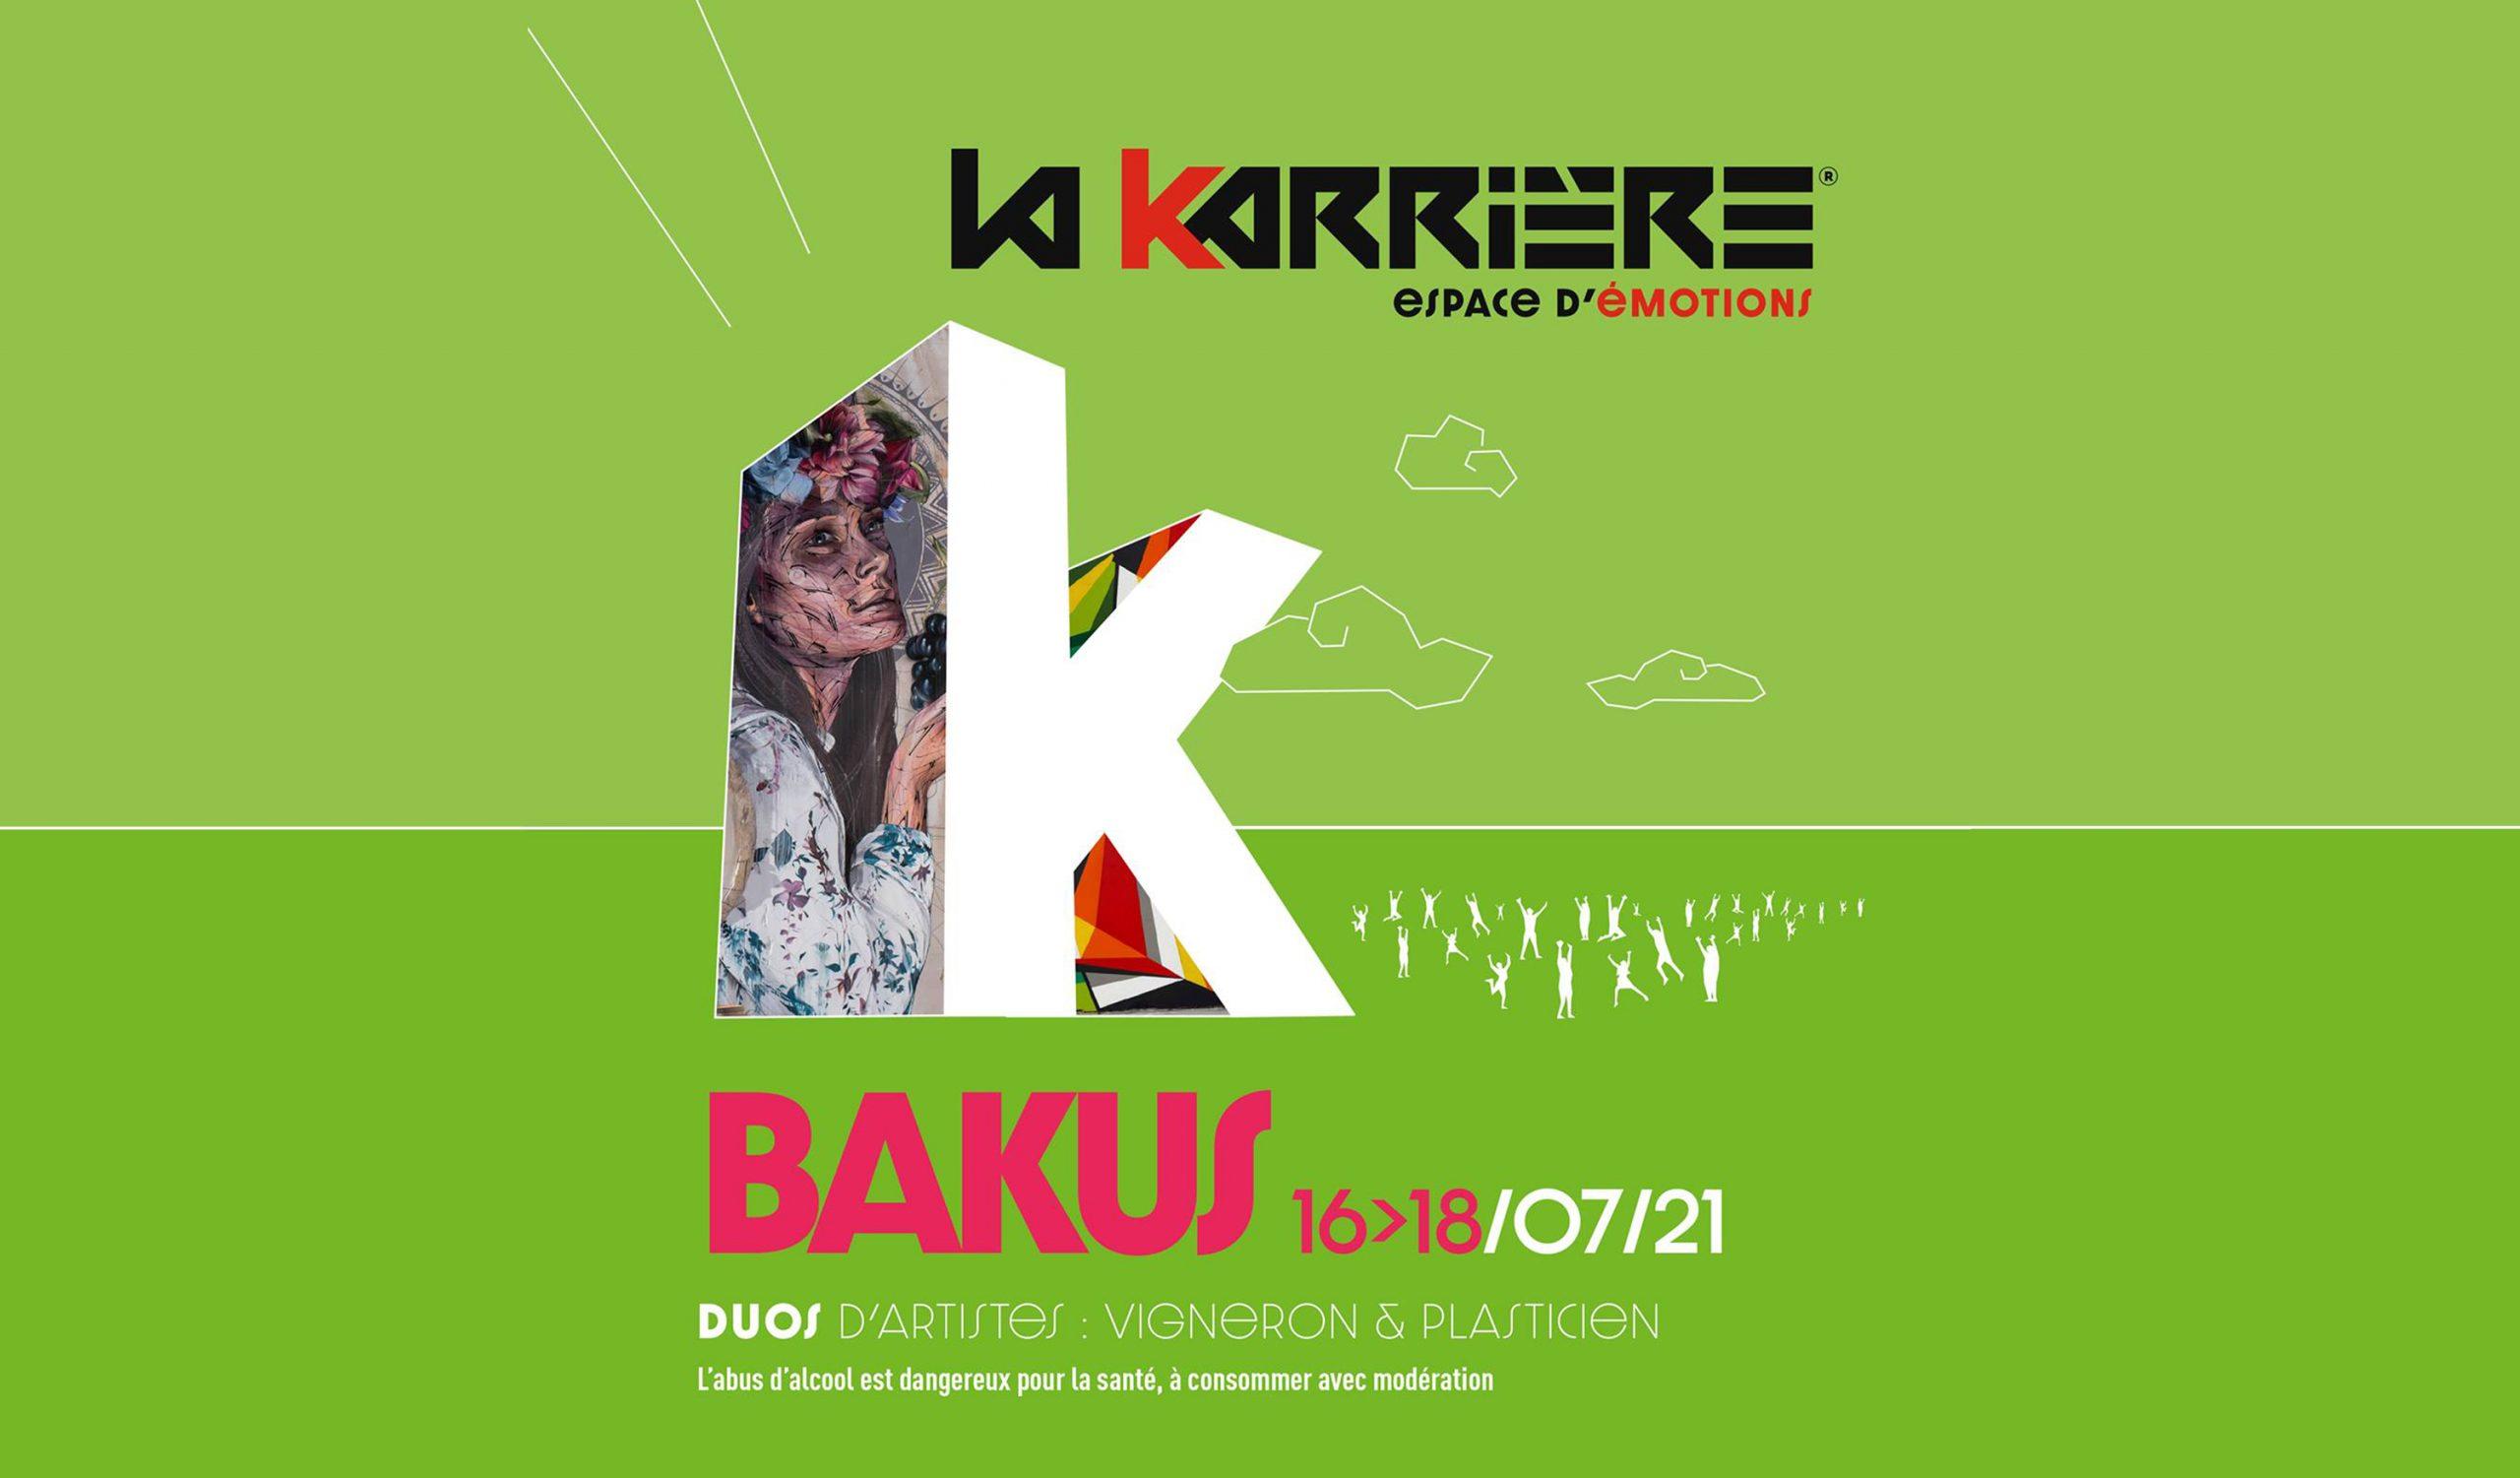 Bakus : l'événement live qui réunit vignerons et artistes à La Karrière